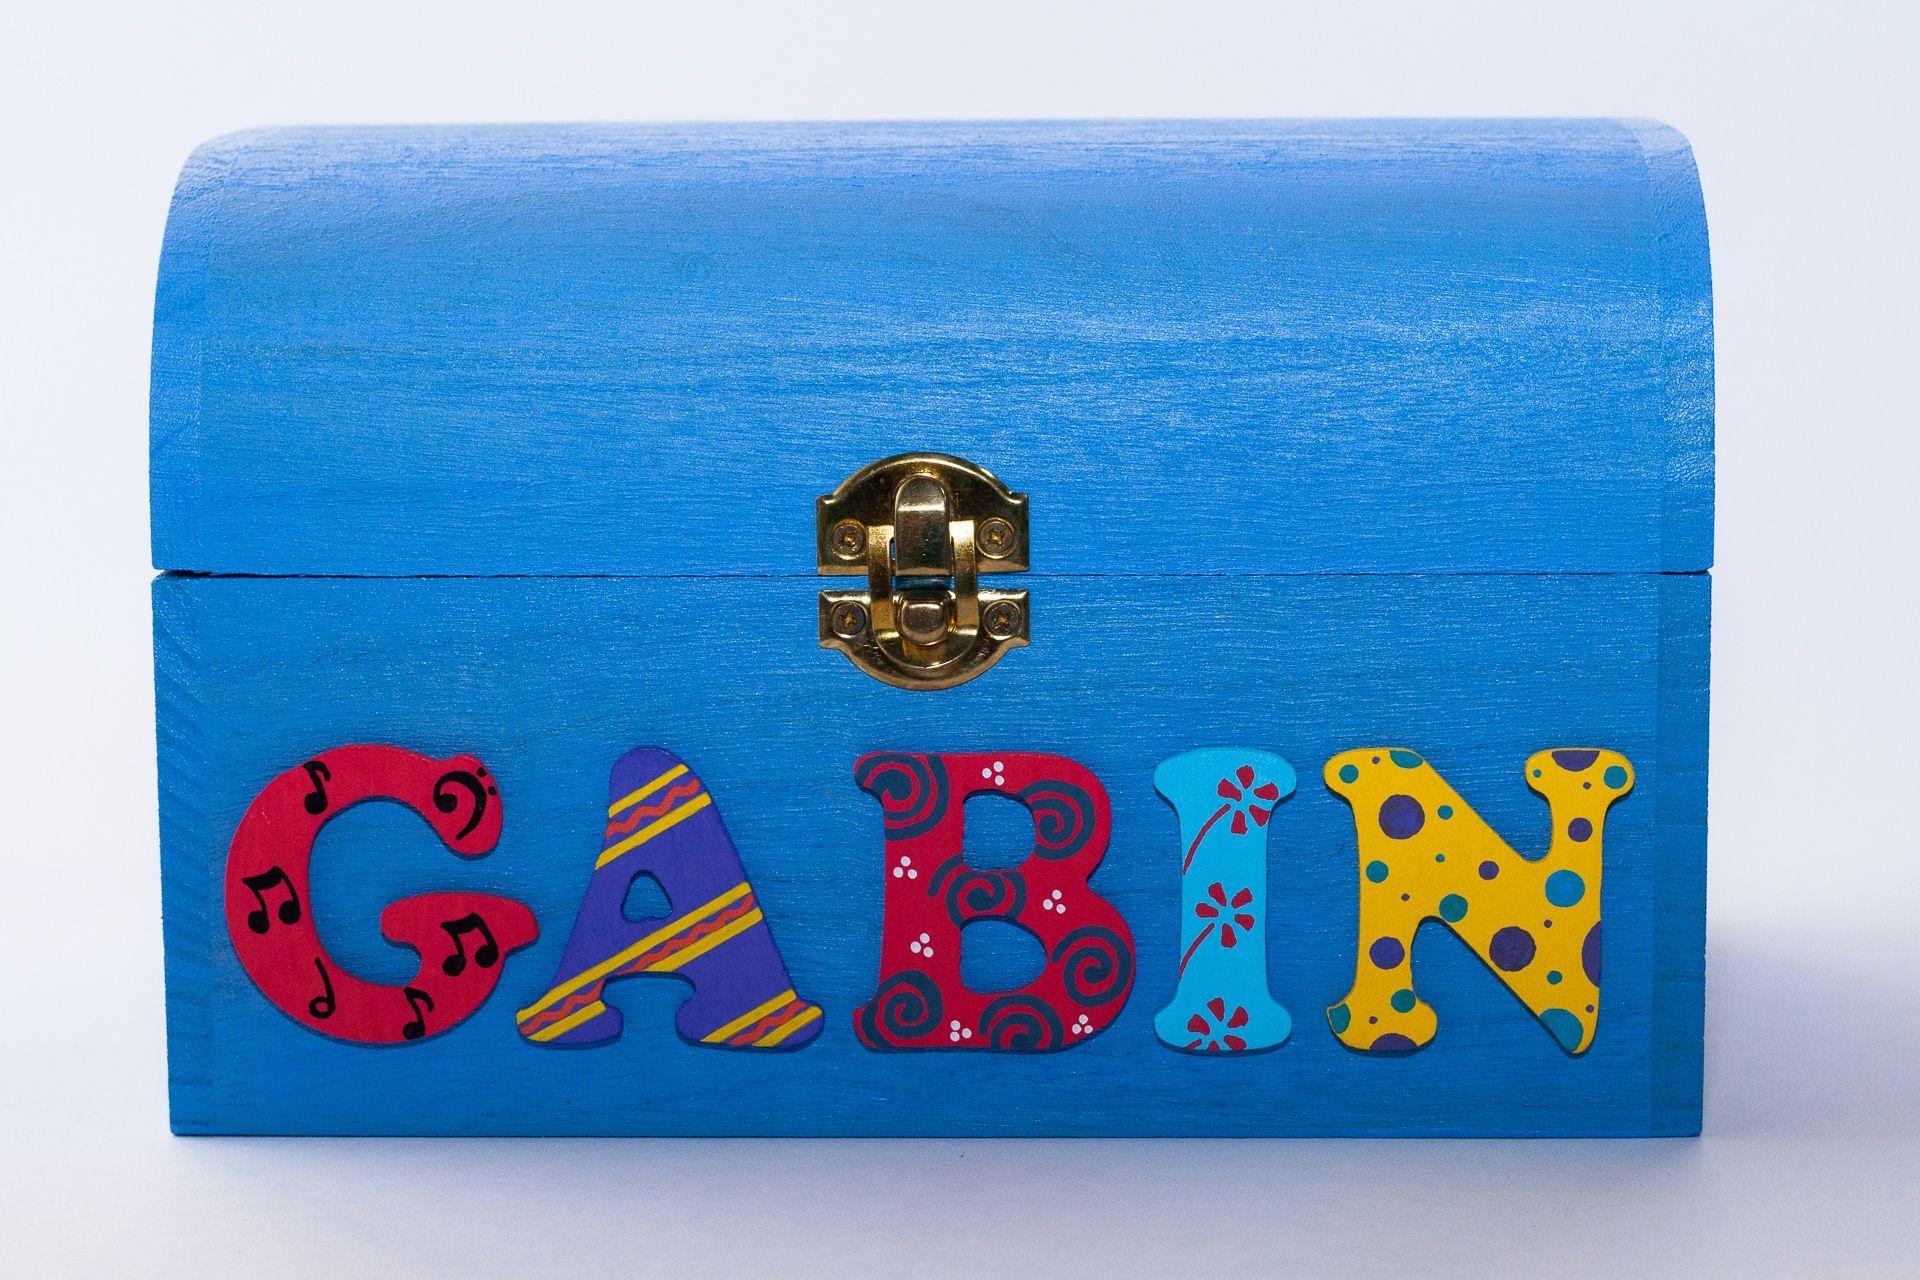 Coffret bleu ciel, prénom décoré Gabin